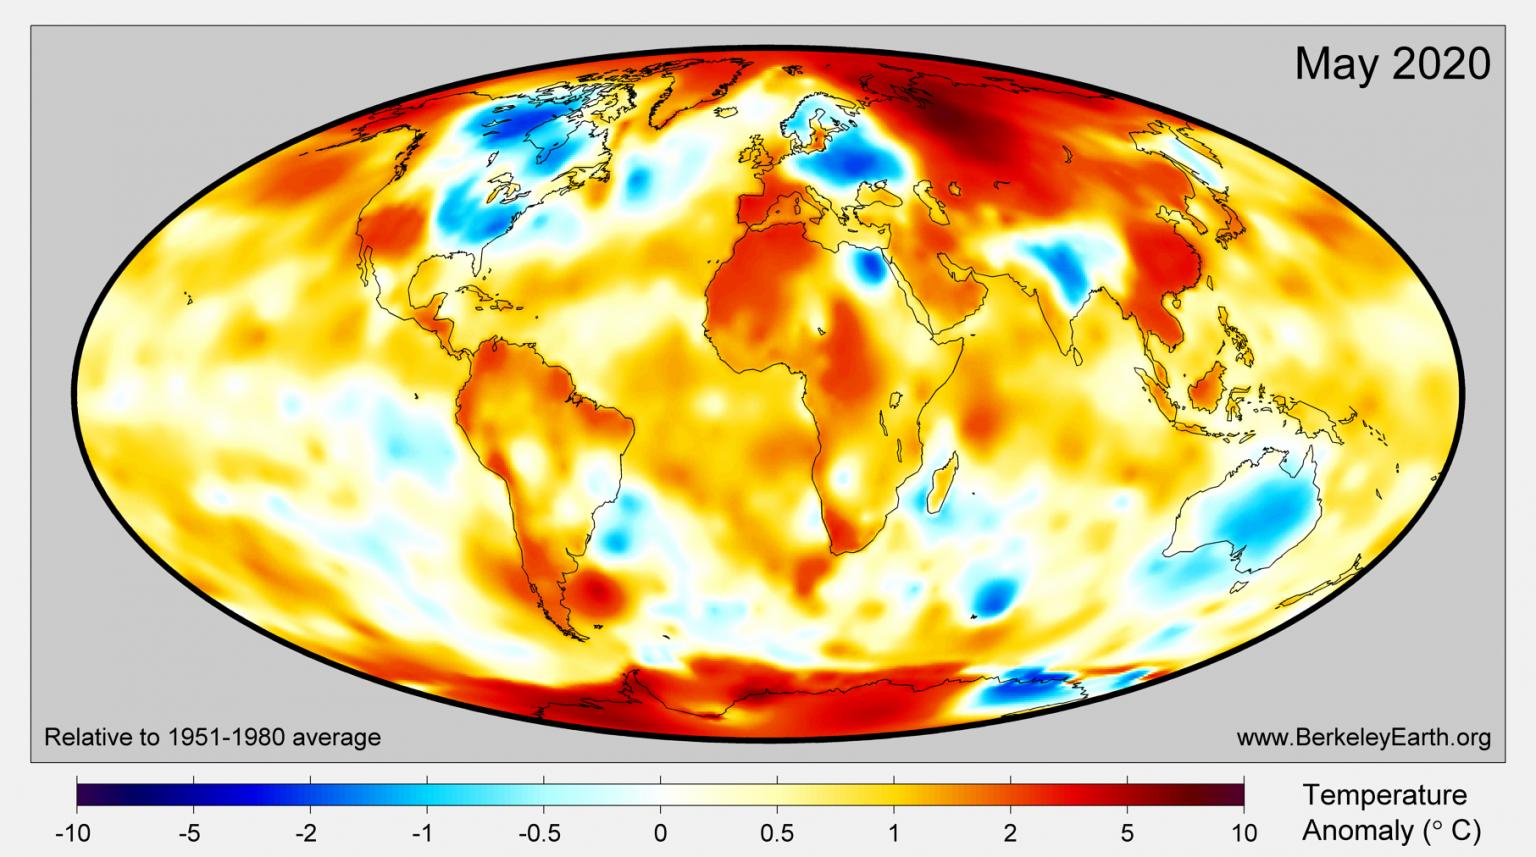 La temperatura en el Ártico es superior a la media global y así lo refleja el mapa: muestra las anomalías de temperatura más significativas en toda Rusia, incluida Siberia. Fuente: BerkeleyEarth.